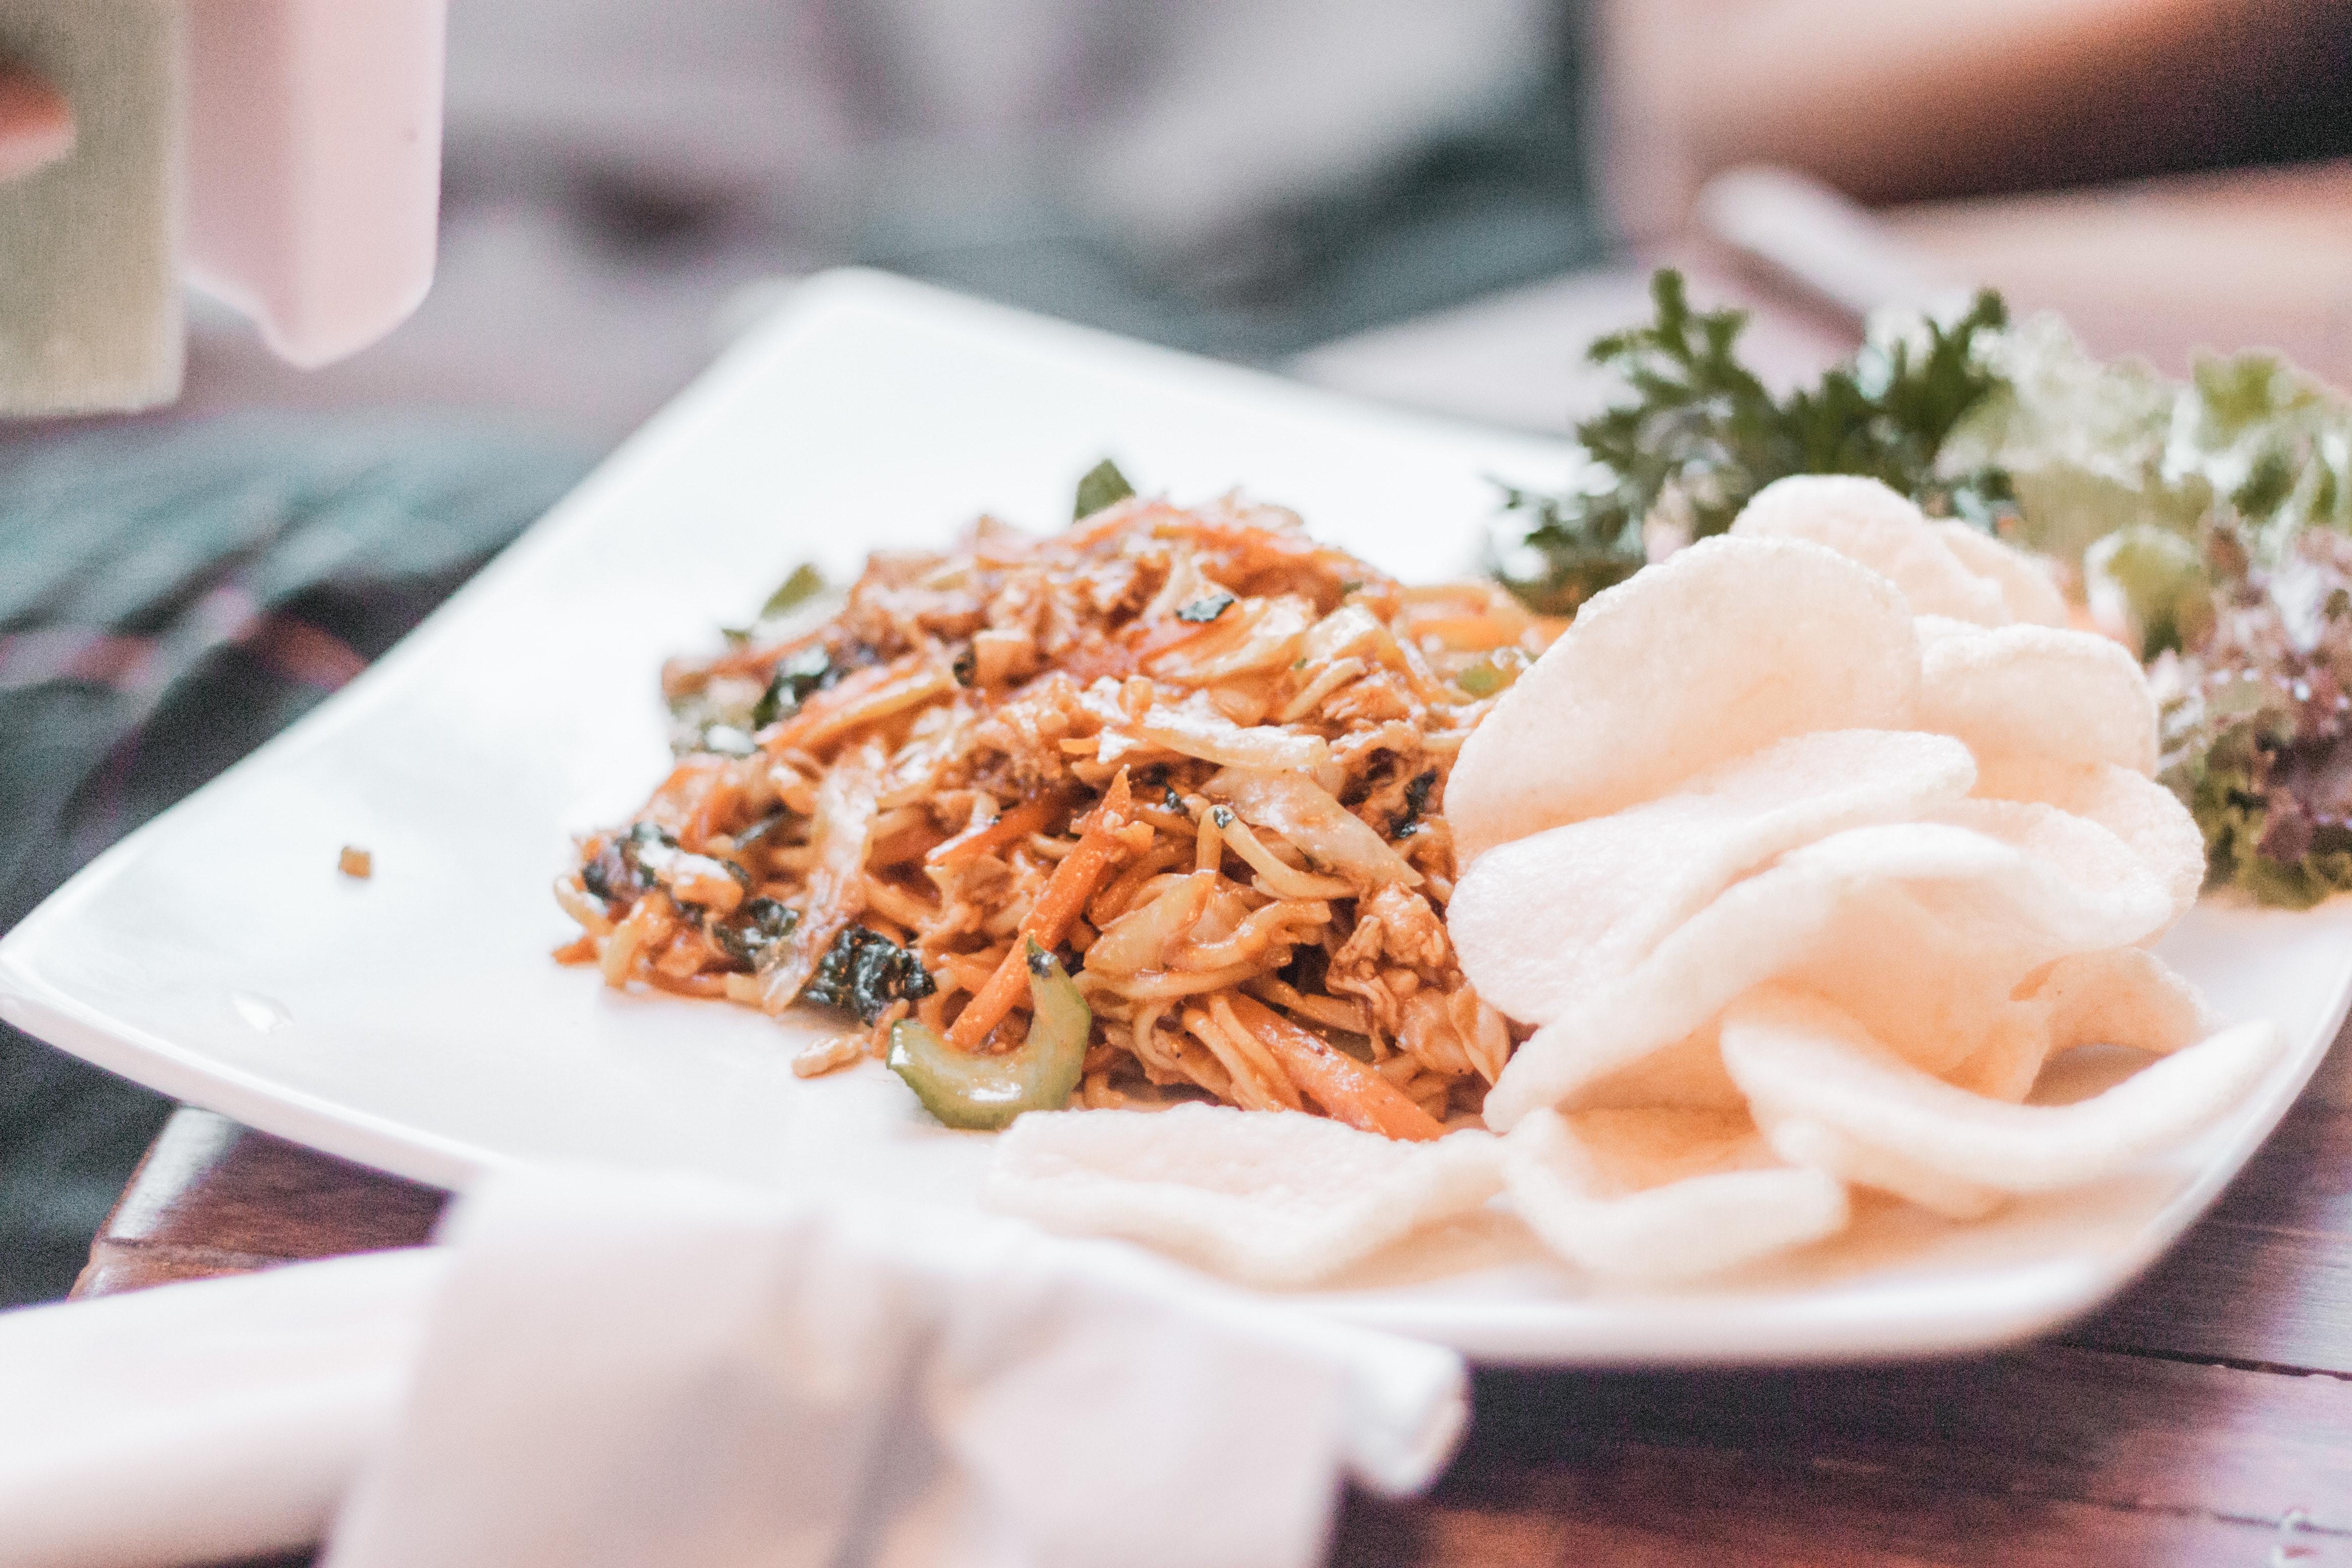 Darmowe Zdjecia Kuchnia Azjatycka Azjatyckie Jedzenie Frytki